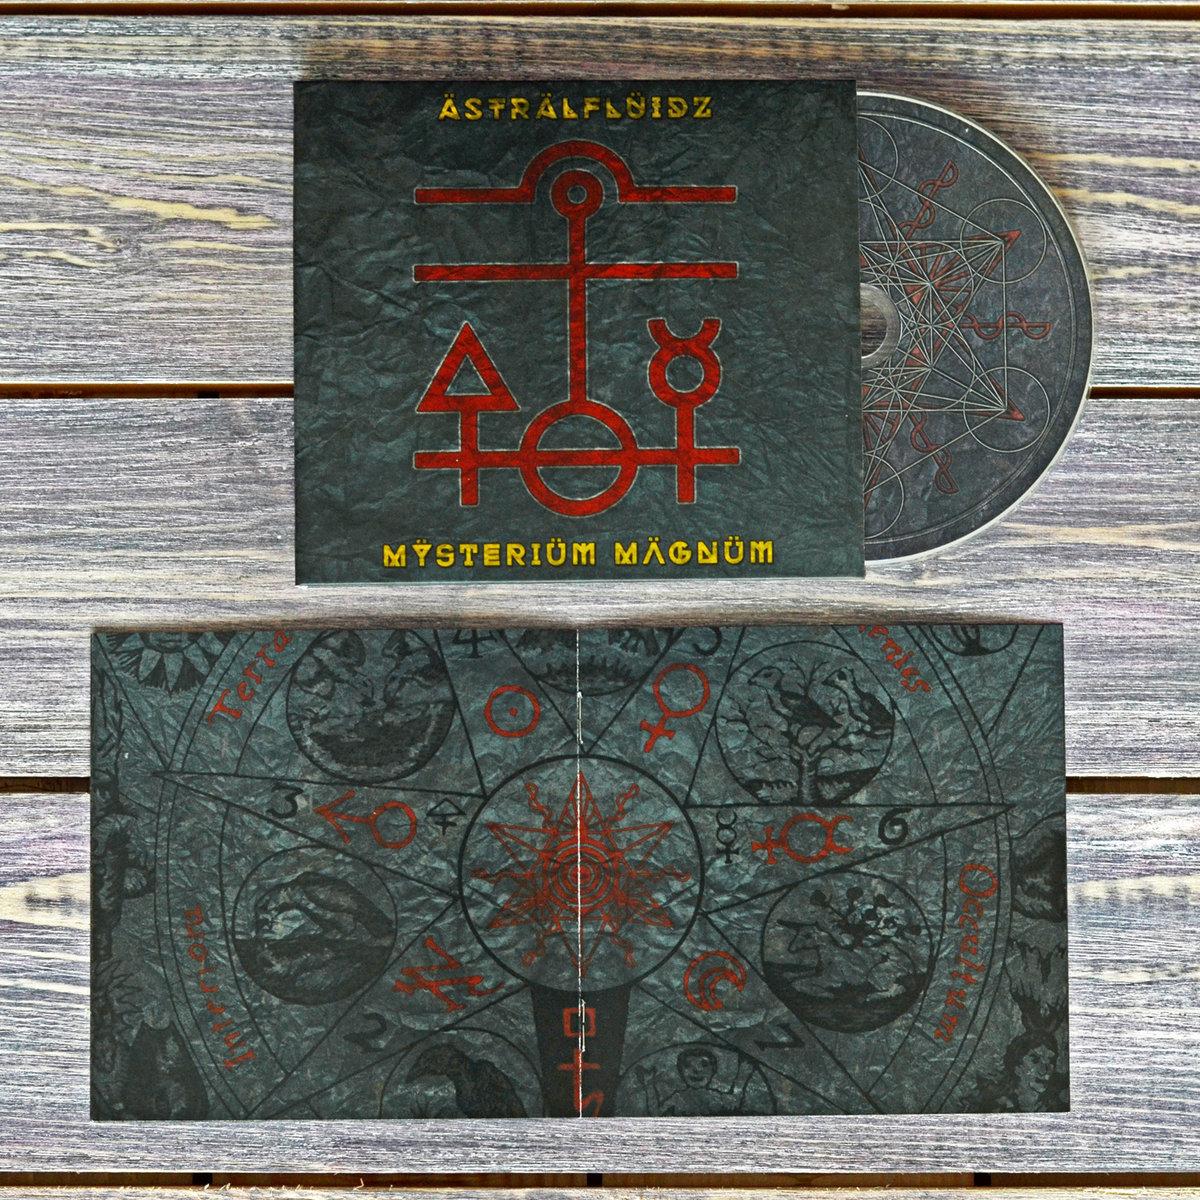 ÄSTRÄLFLÜIDZ - Mÿsteriüm Mägnüm CD - 画像2